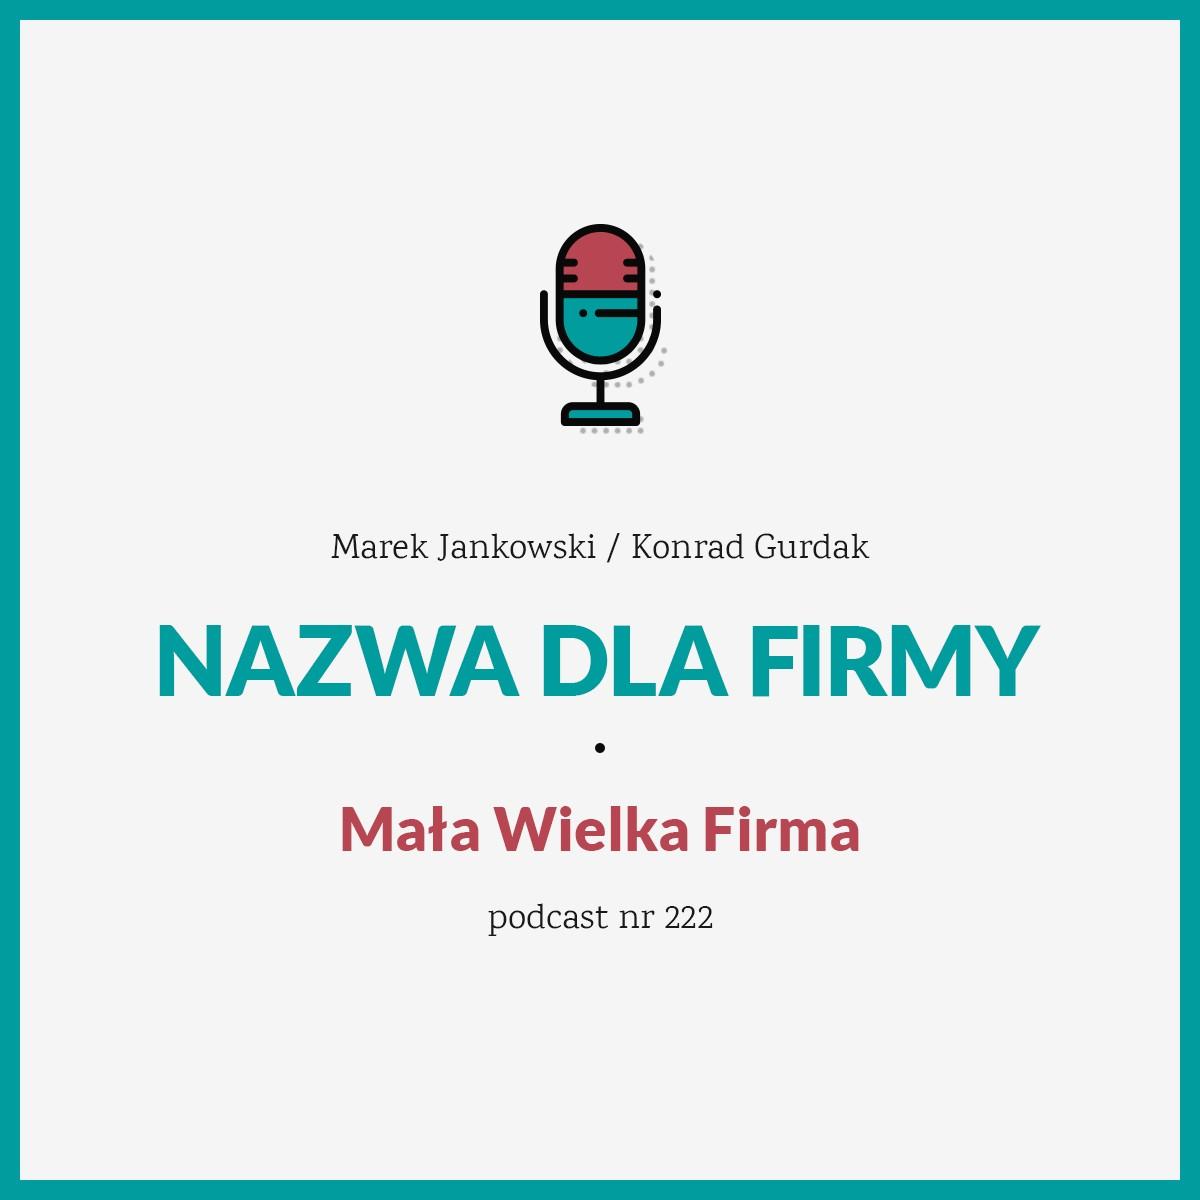 """Podcast nr 222 w Mała Wielka Firma """"Nazwa dla firmy"""""""